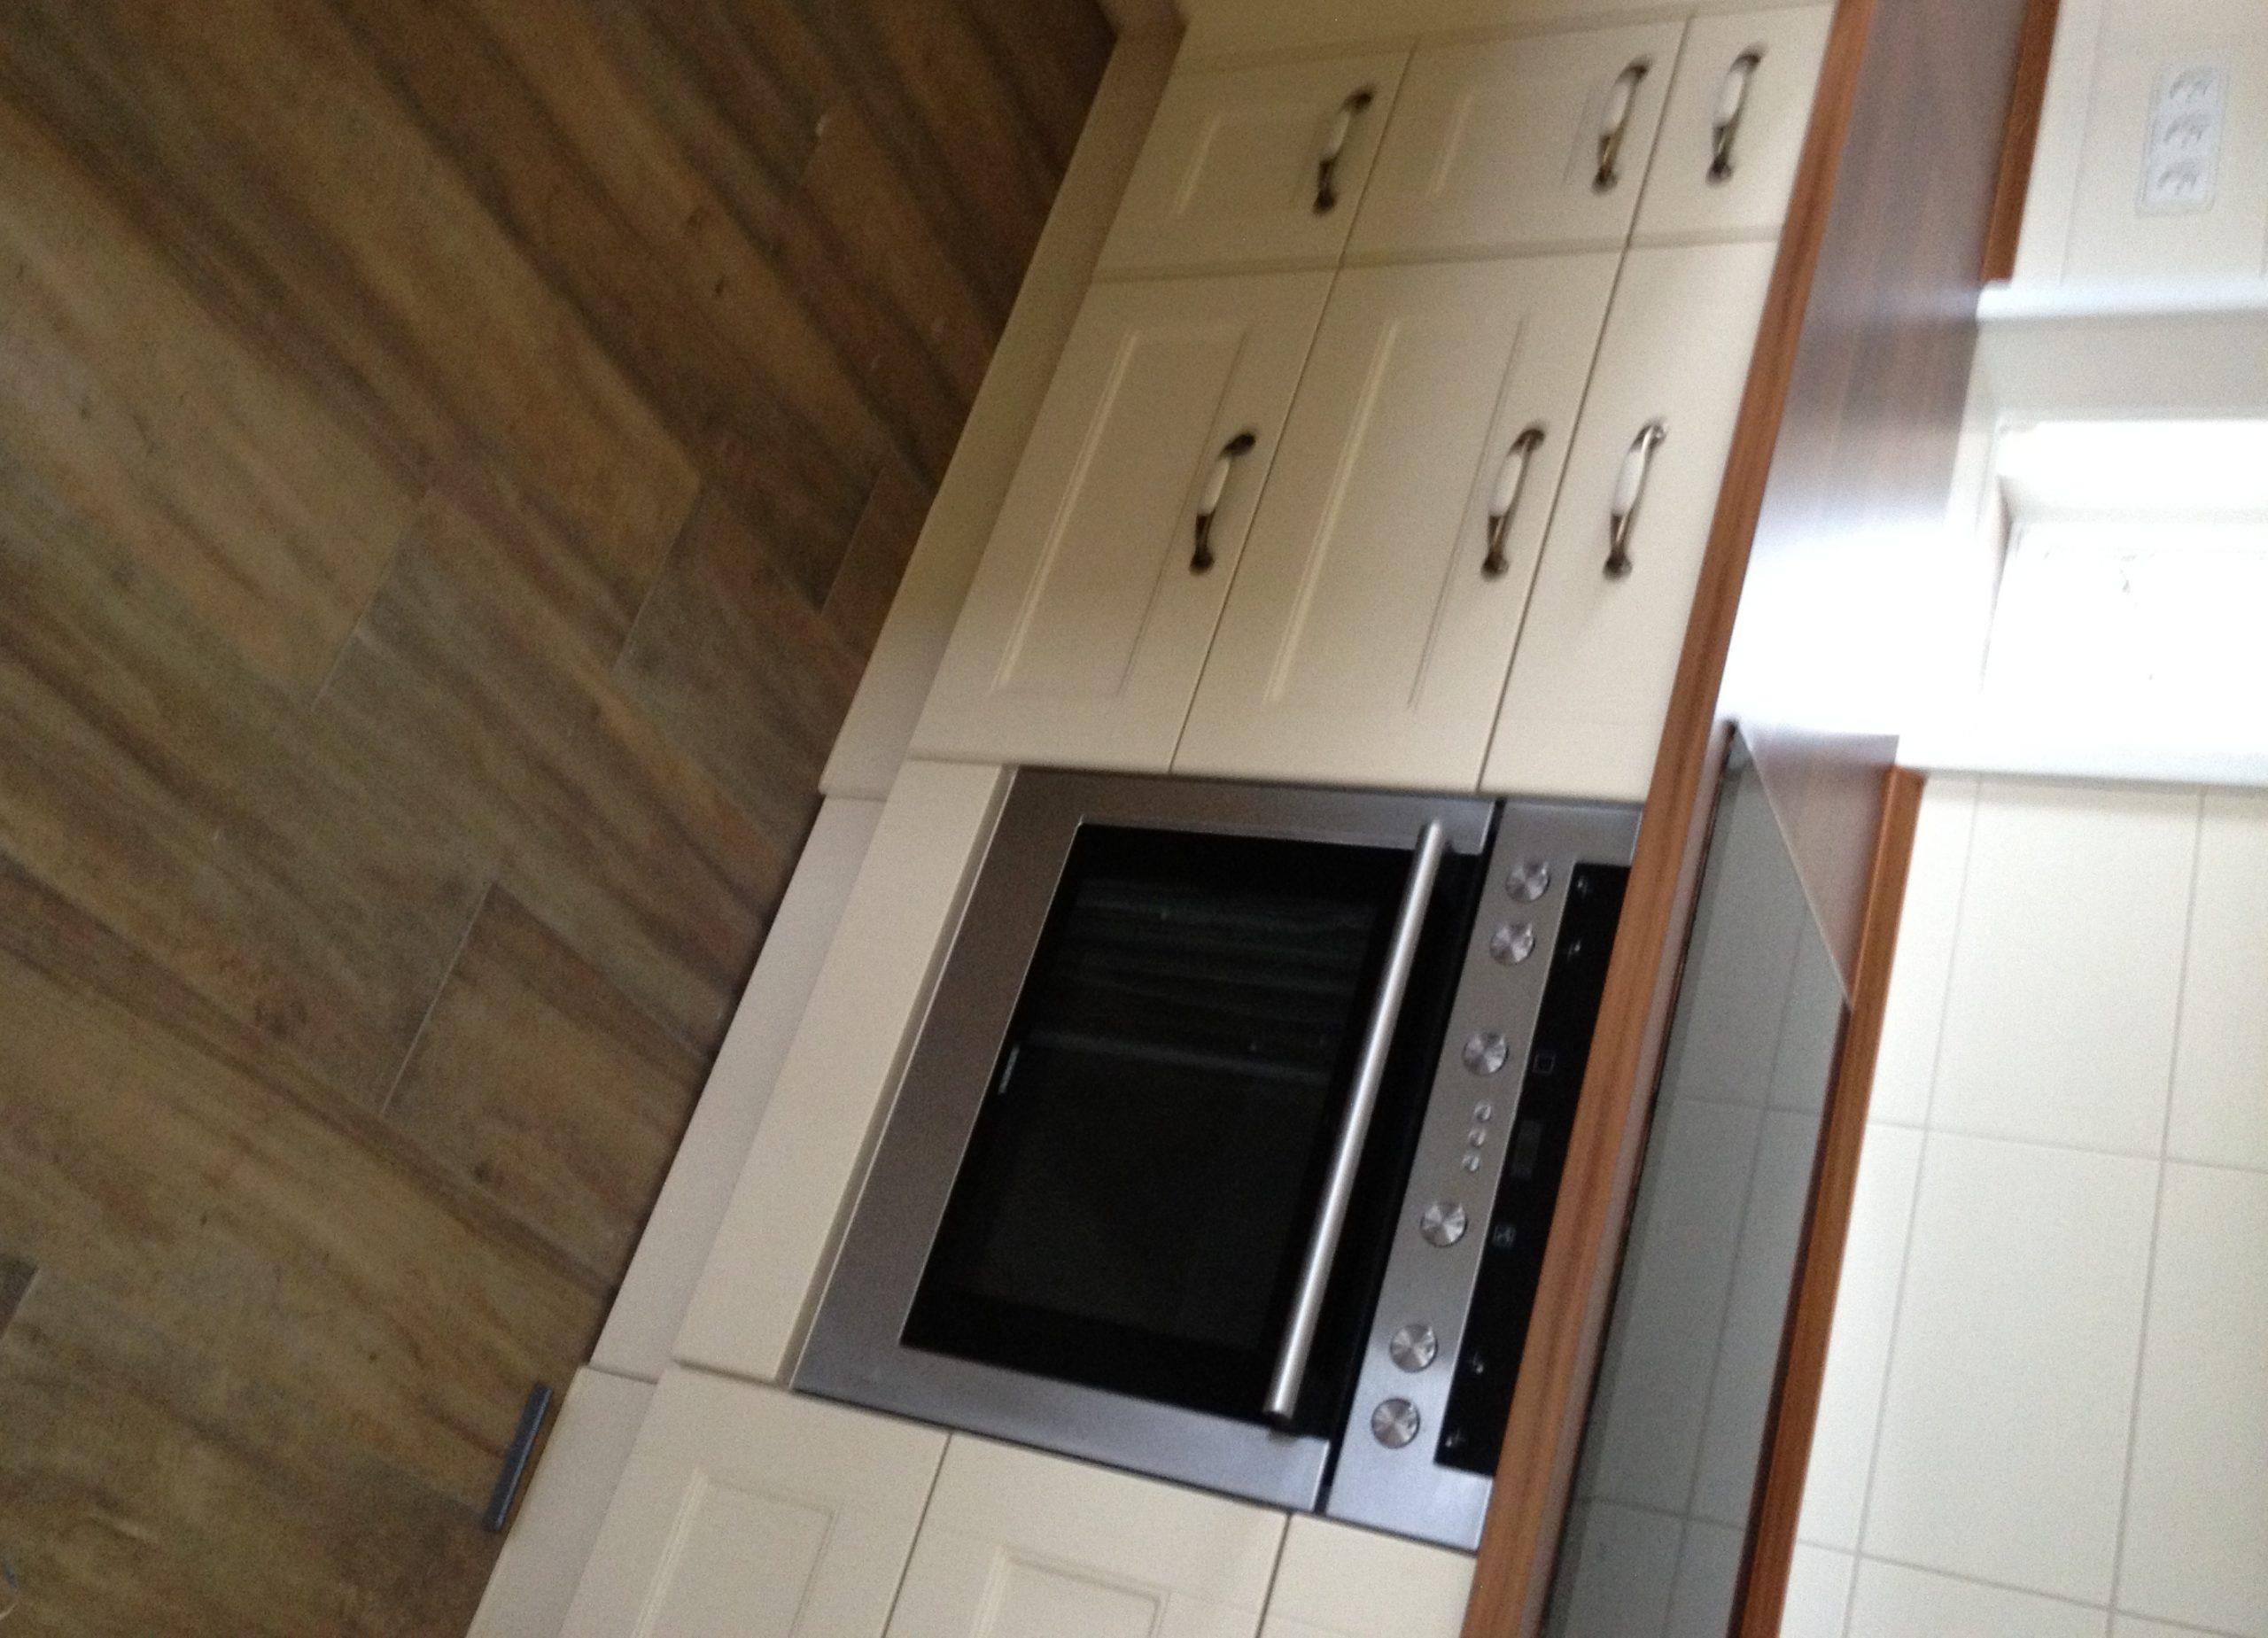 Full Size of Bodenfliesen Küche Streichen Bodenfliesen Gewerbliche Küche Bodenfliesen Küche 60x60 Bodenfliesen überdecken Küche Küche Bodenfliesen Küche